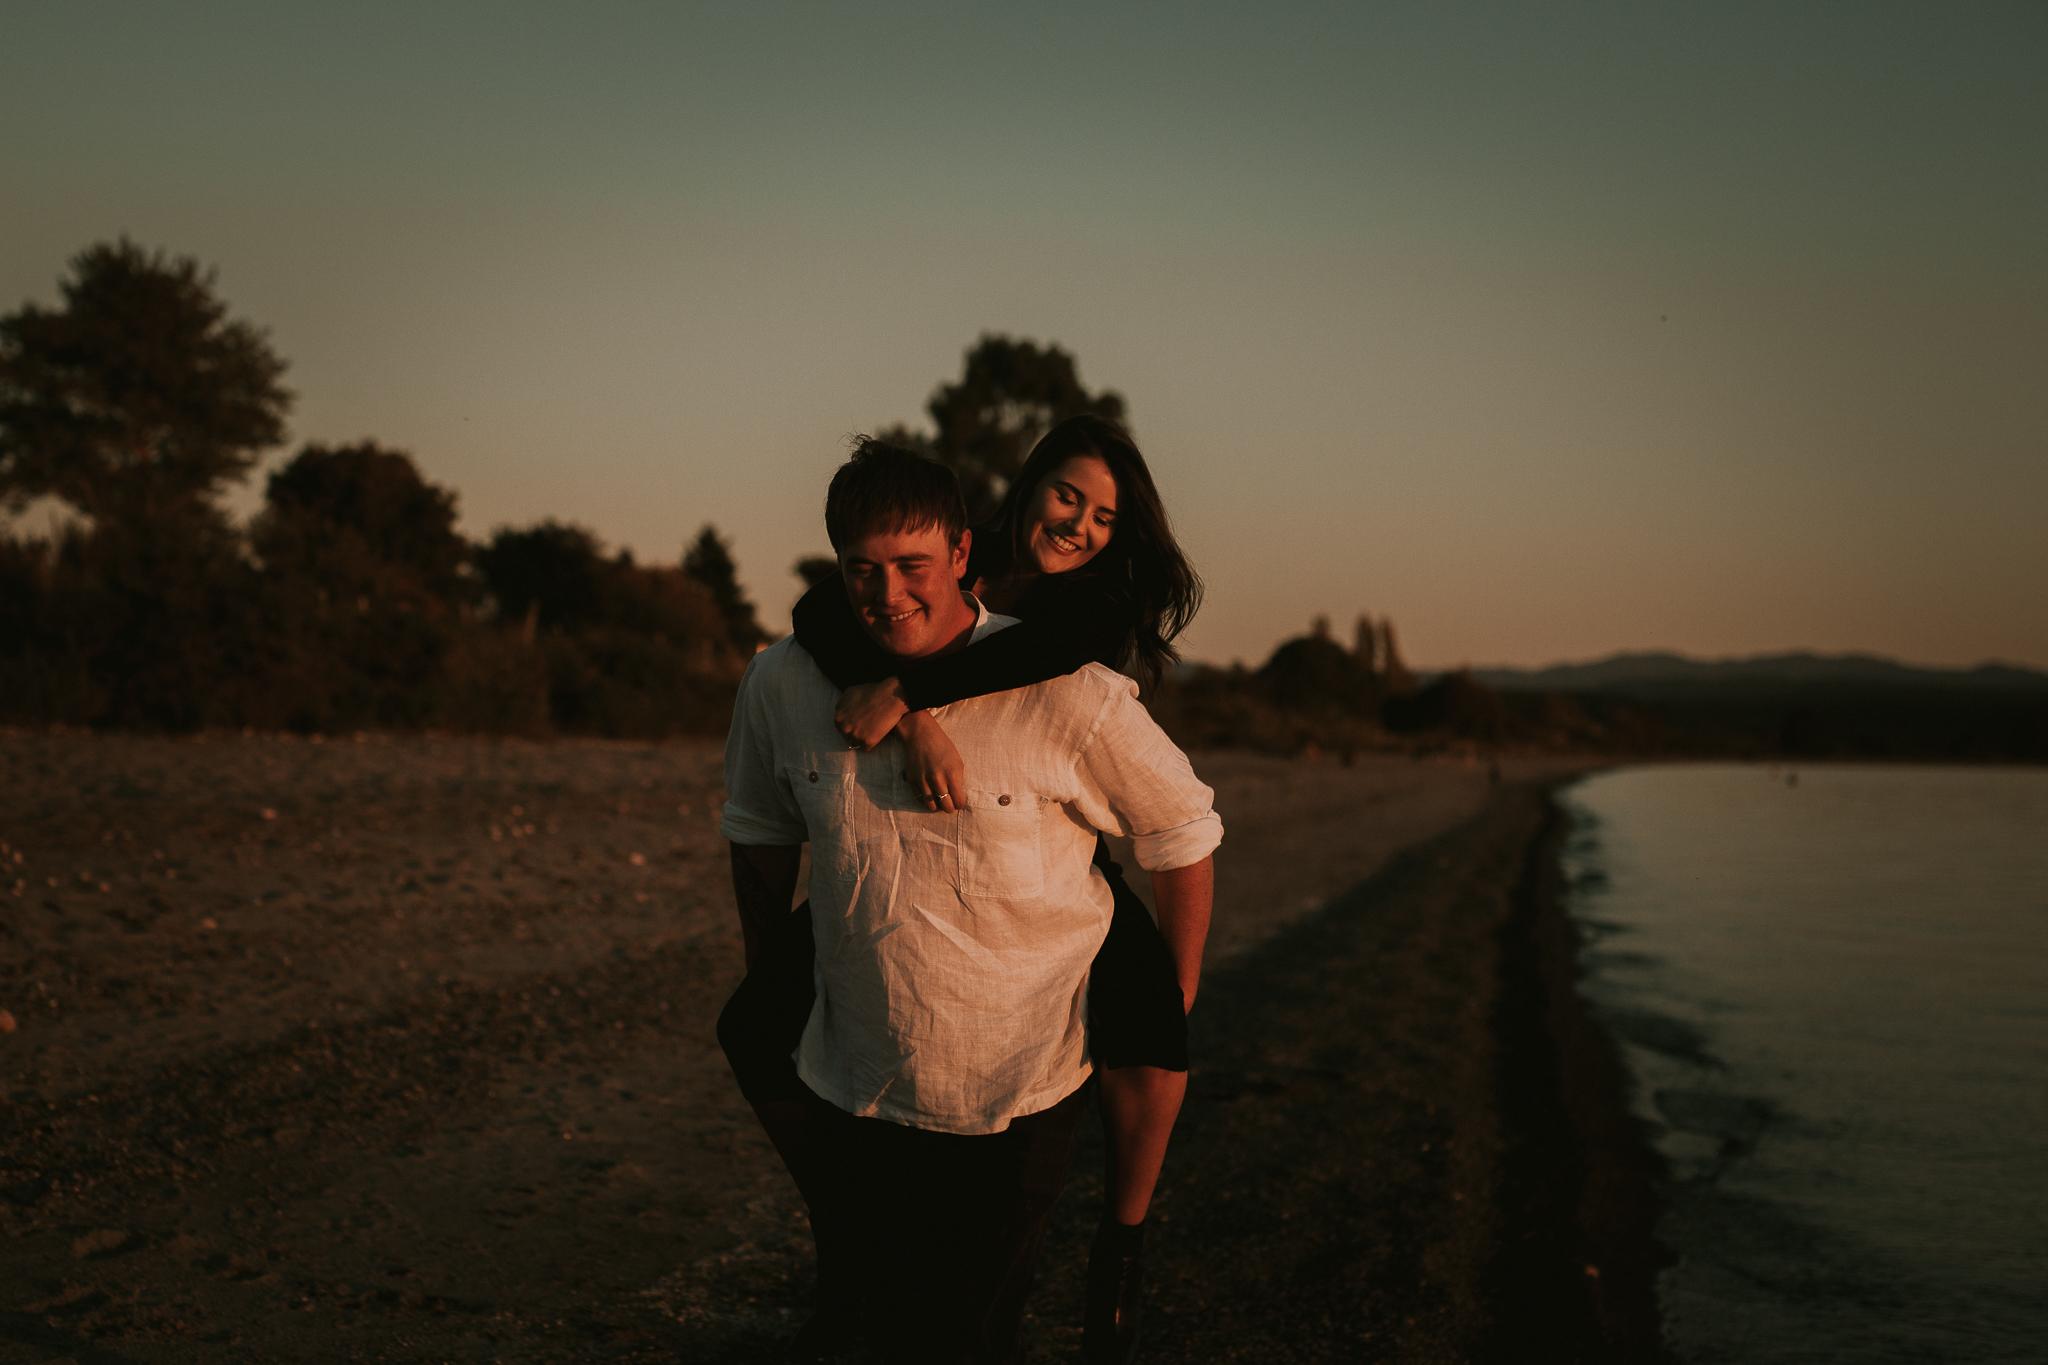 Engagement photoshoot 5 mile bay Taupo